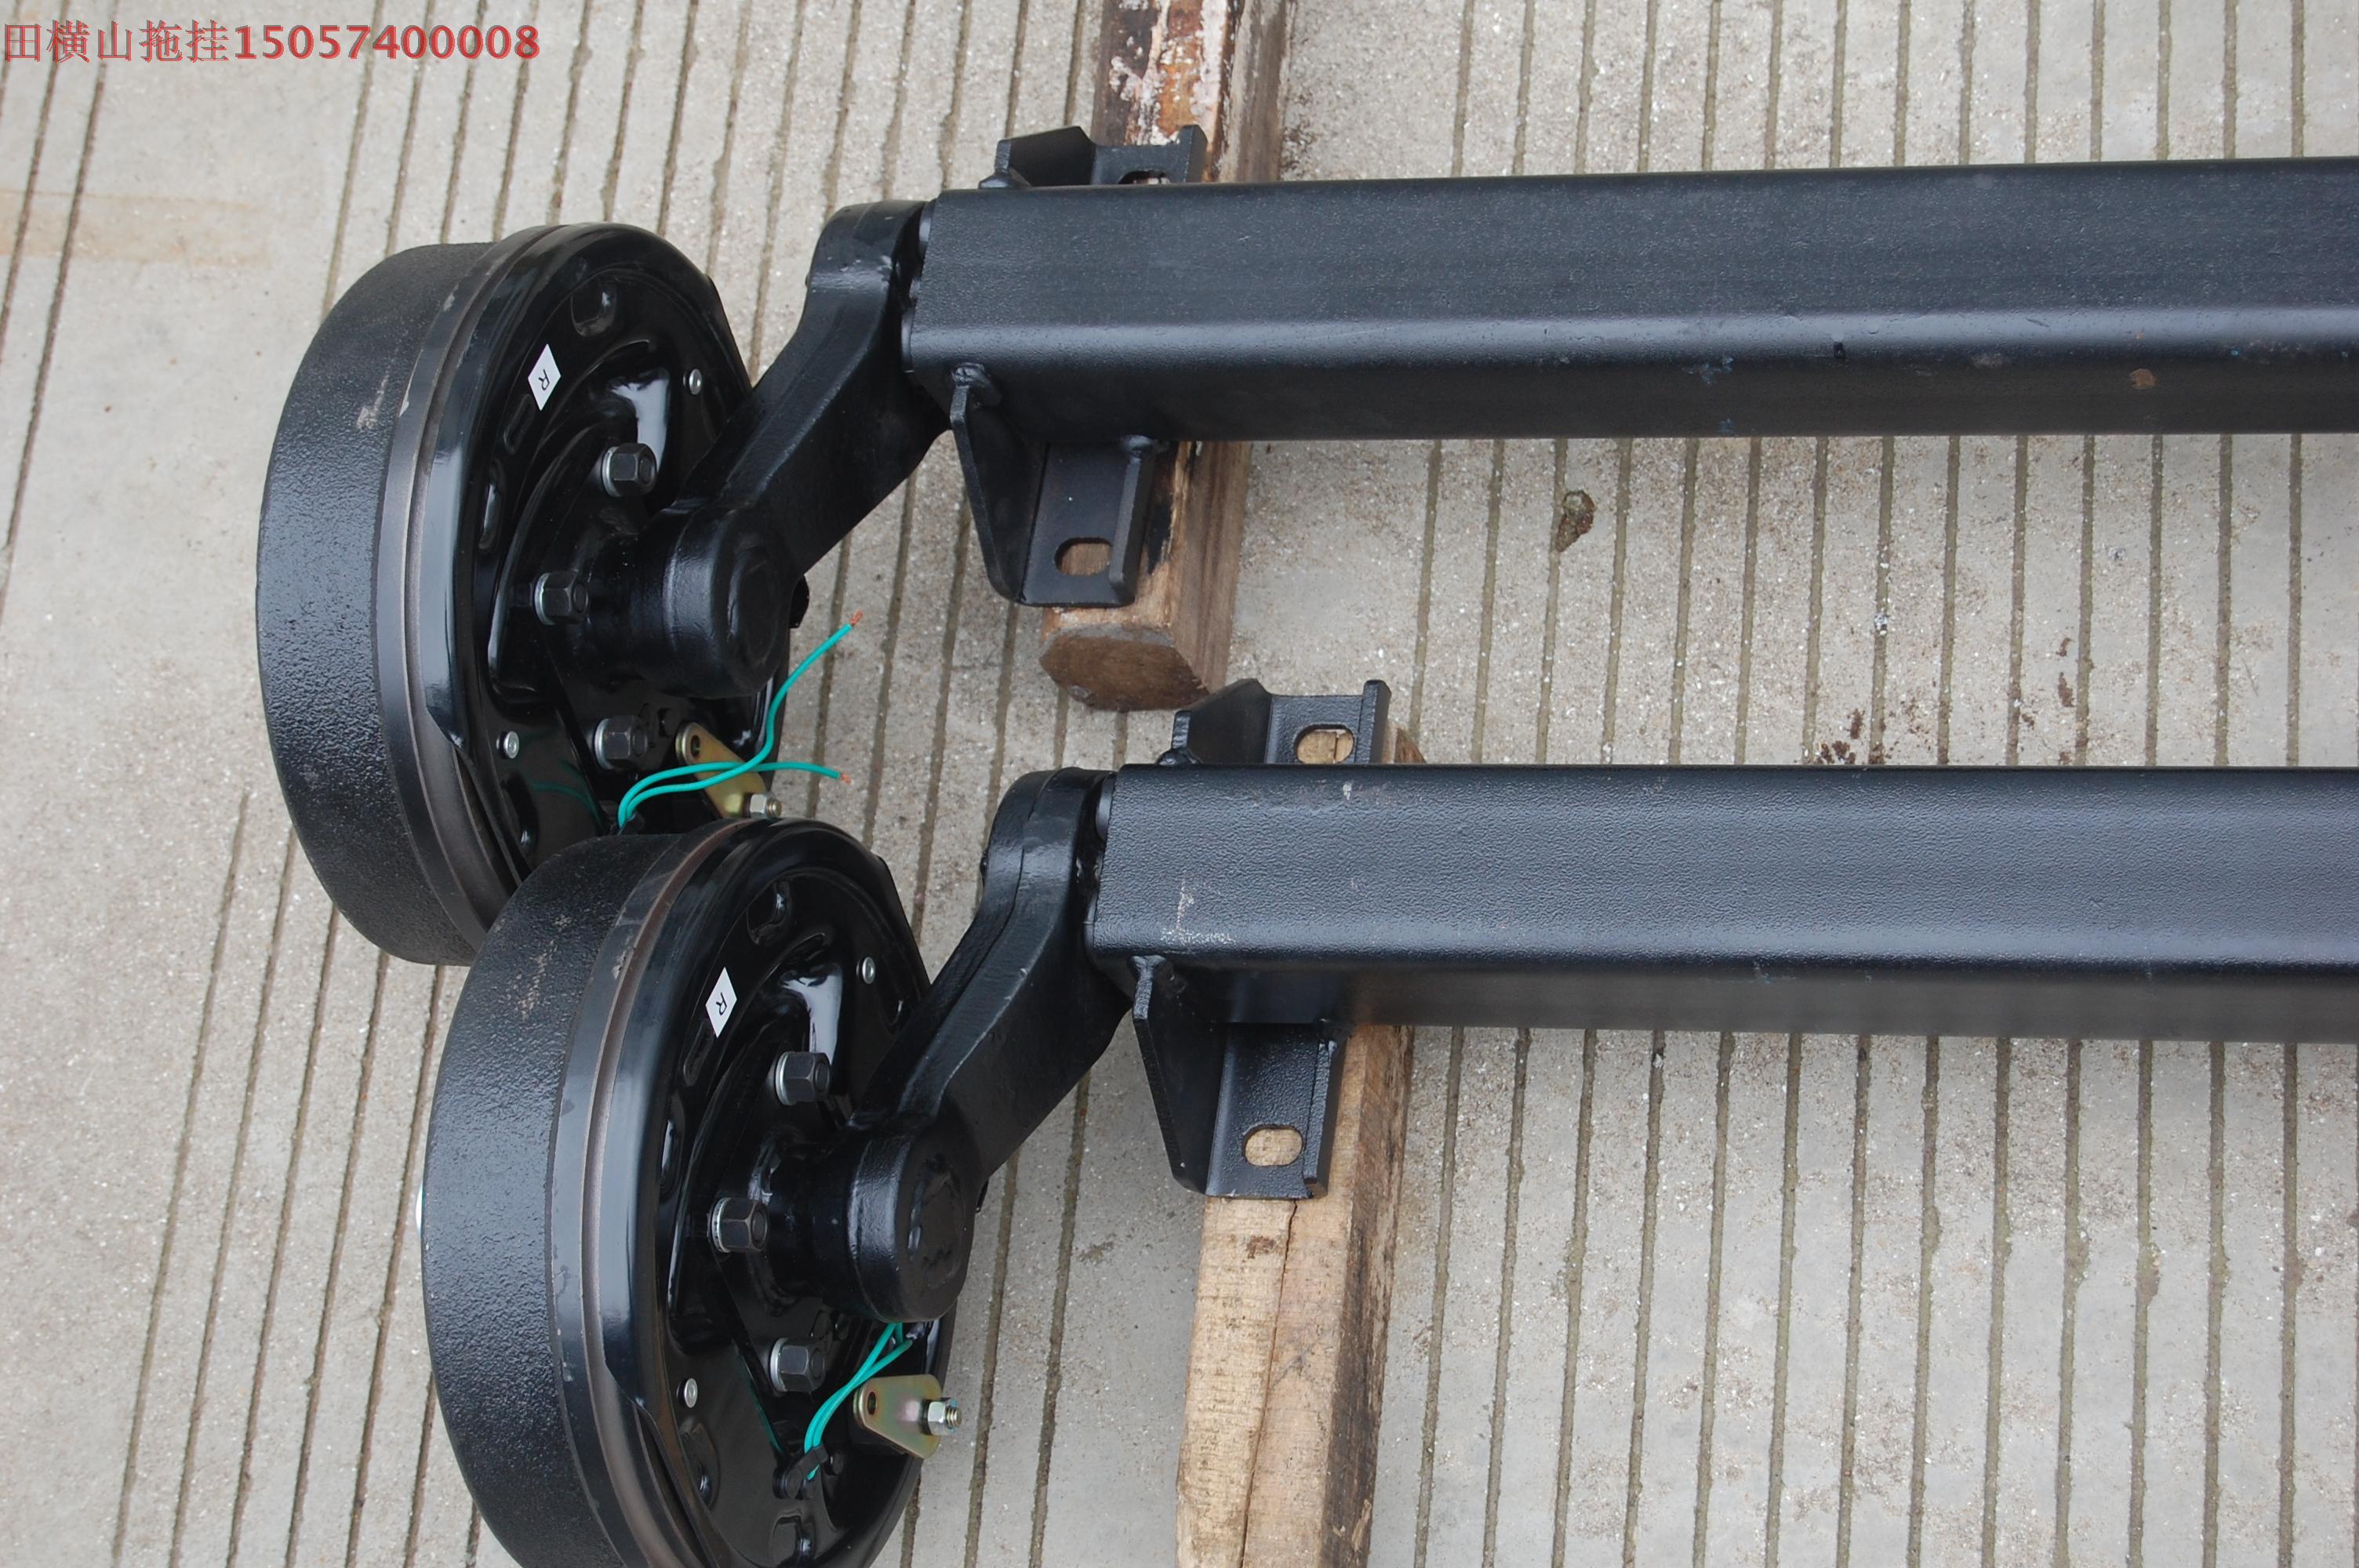 1.5T房车平板拖挂电磁刹车扭力轴制动拖车轴扭力桥带手刹拖车配件